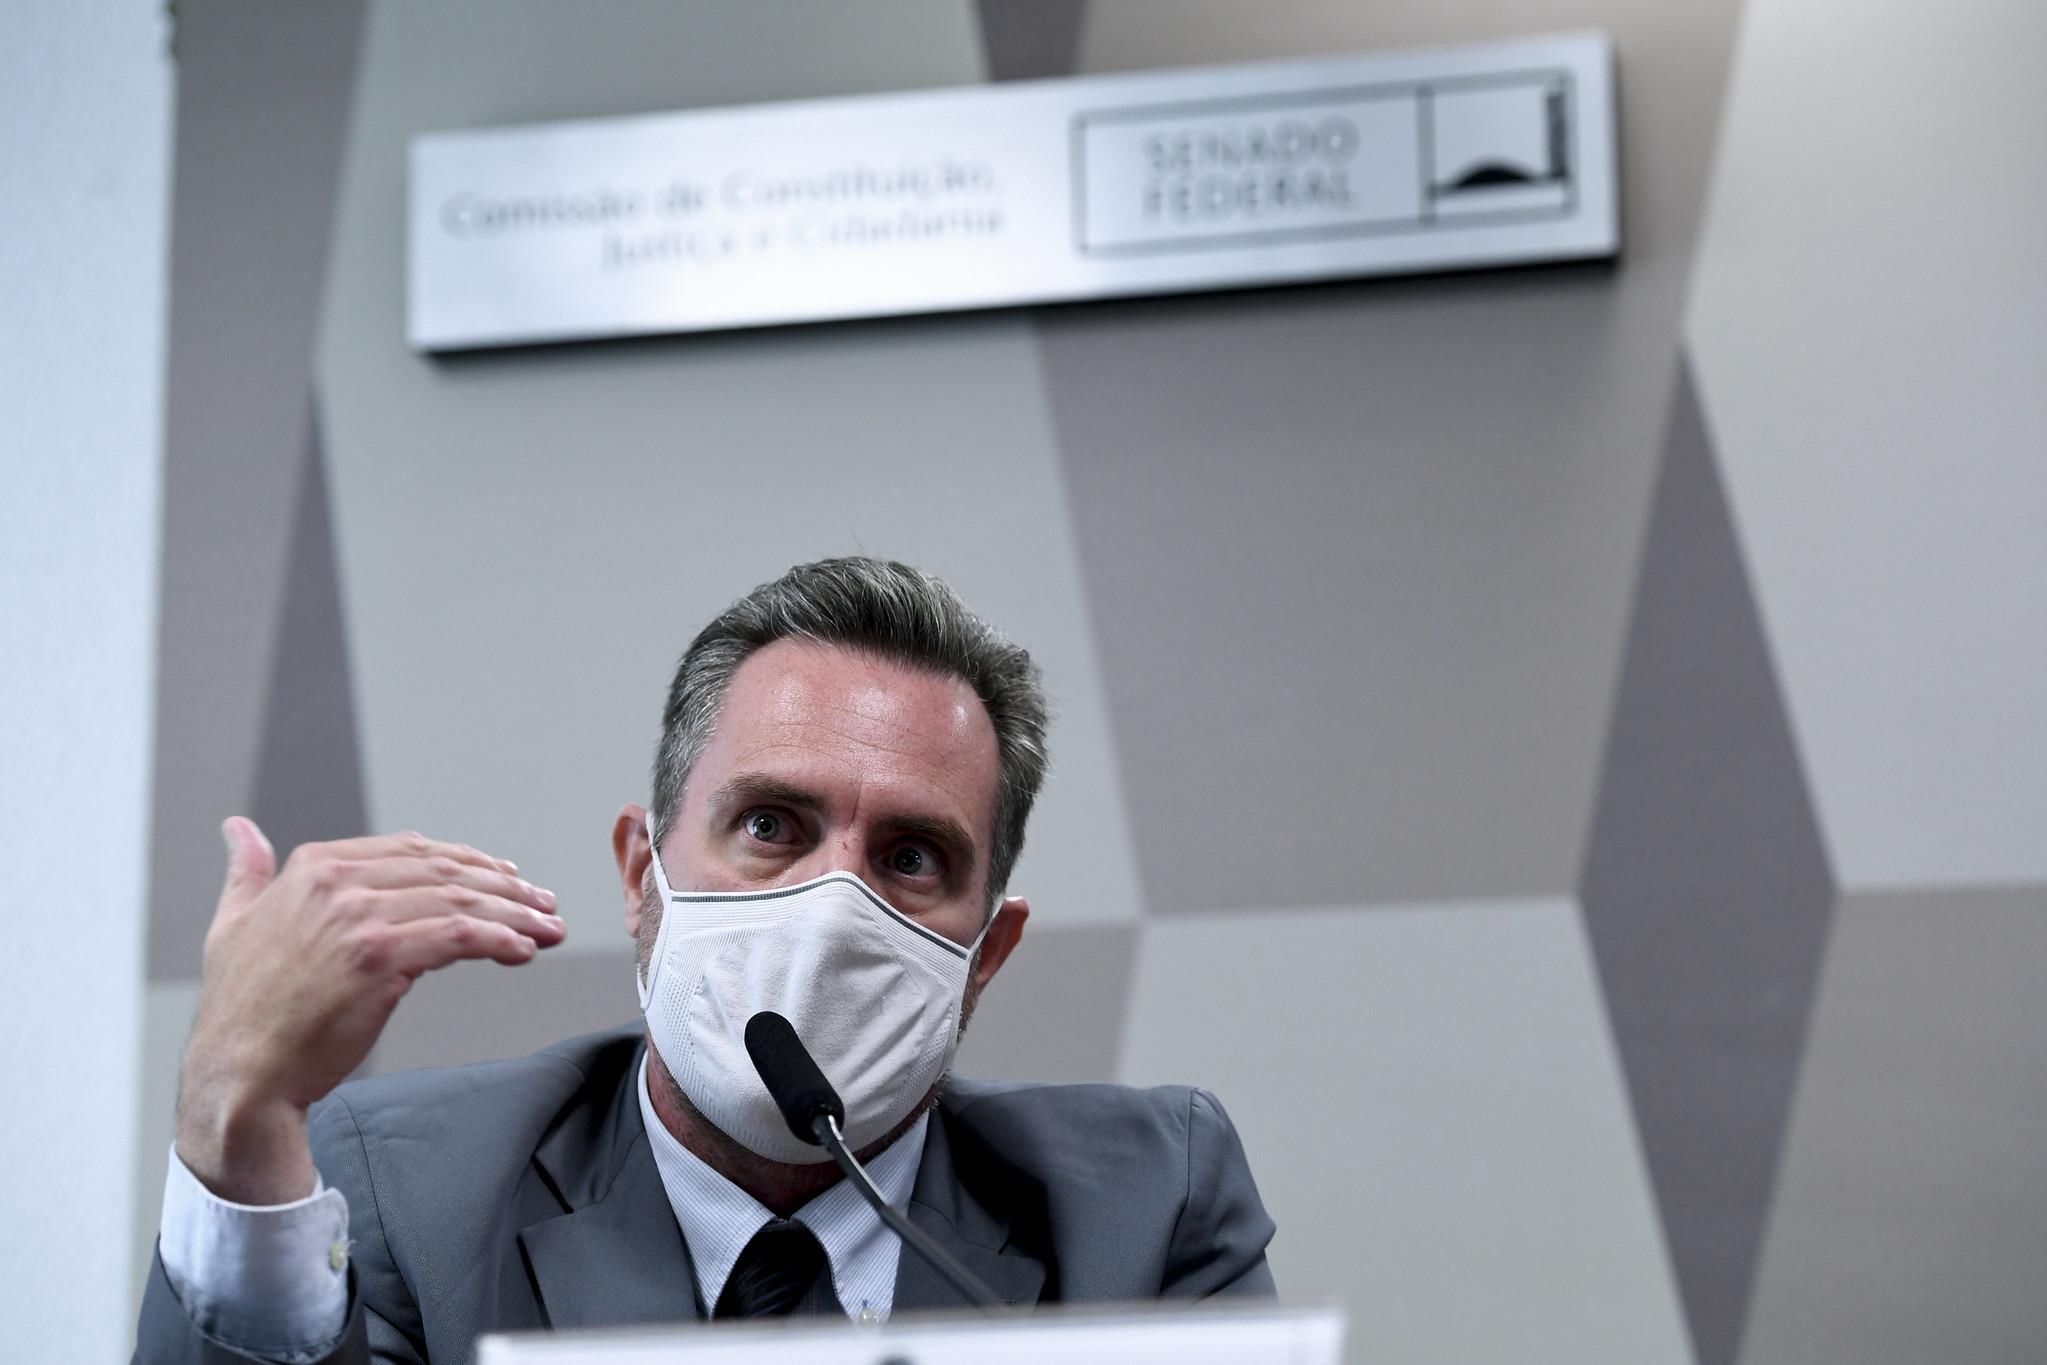 IMAGEM: Agora há dois pontos que ligam o nome de Bolsonaro ao escândalo das vacinas